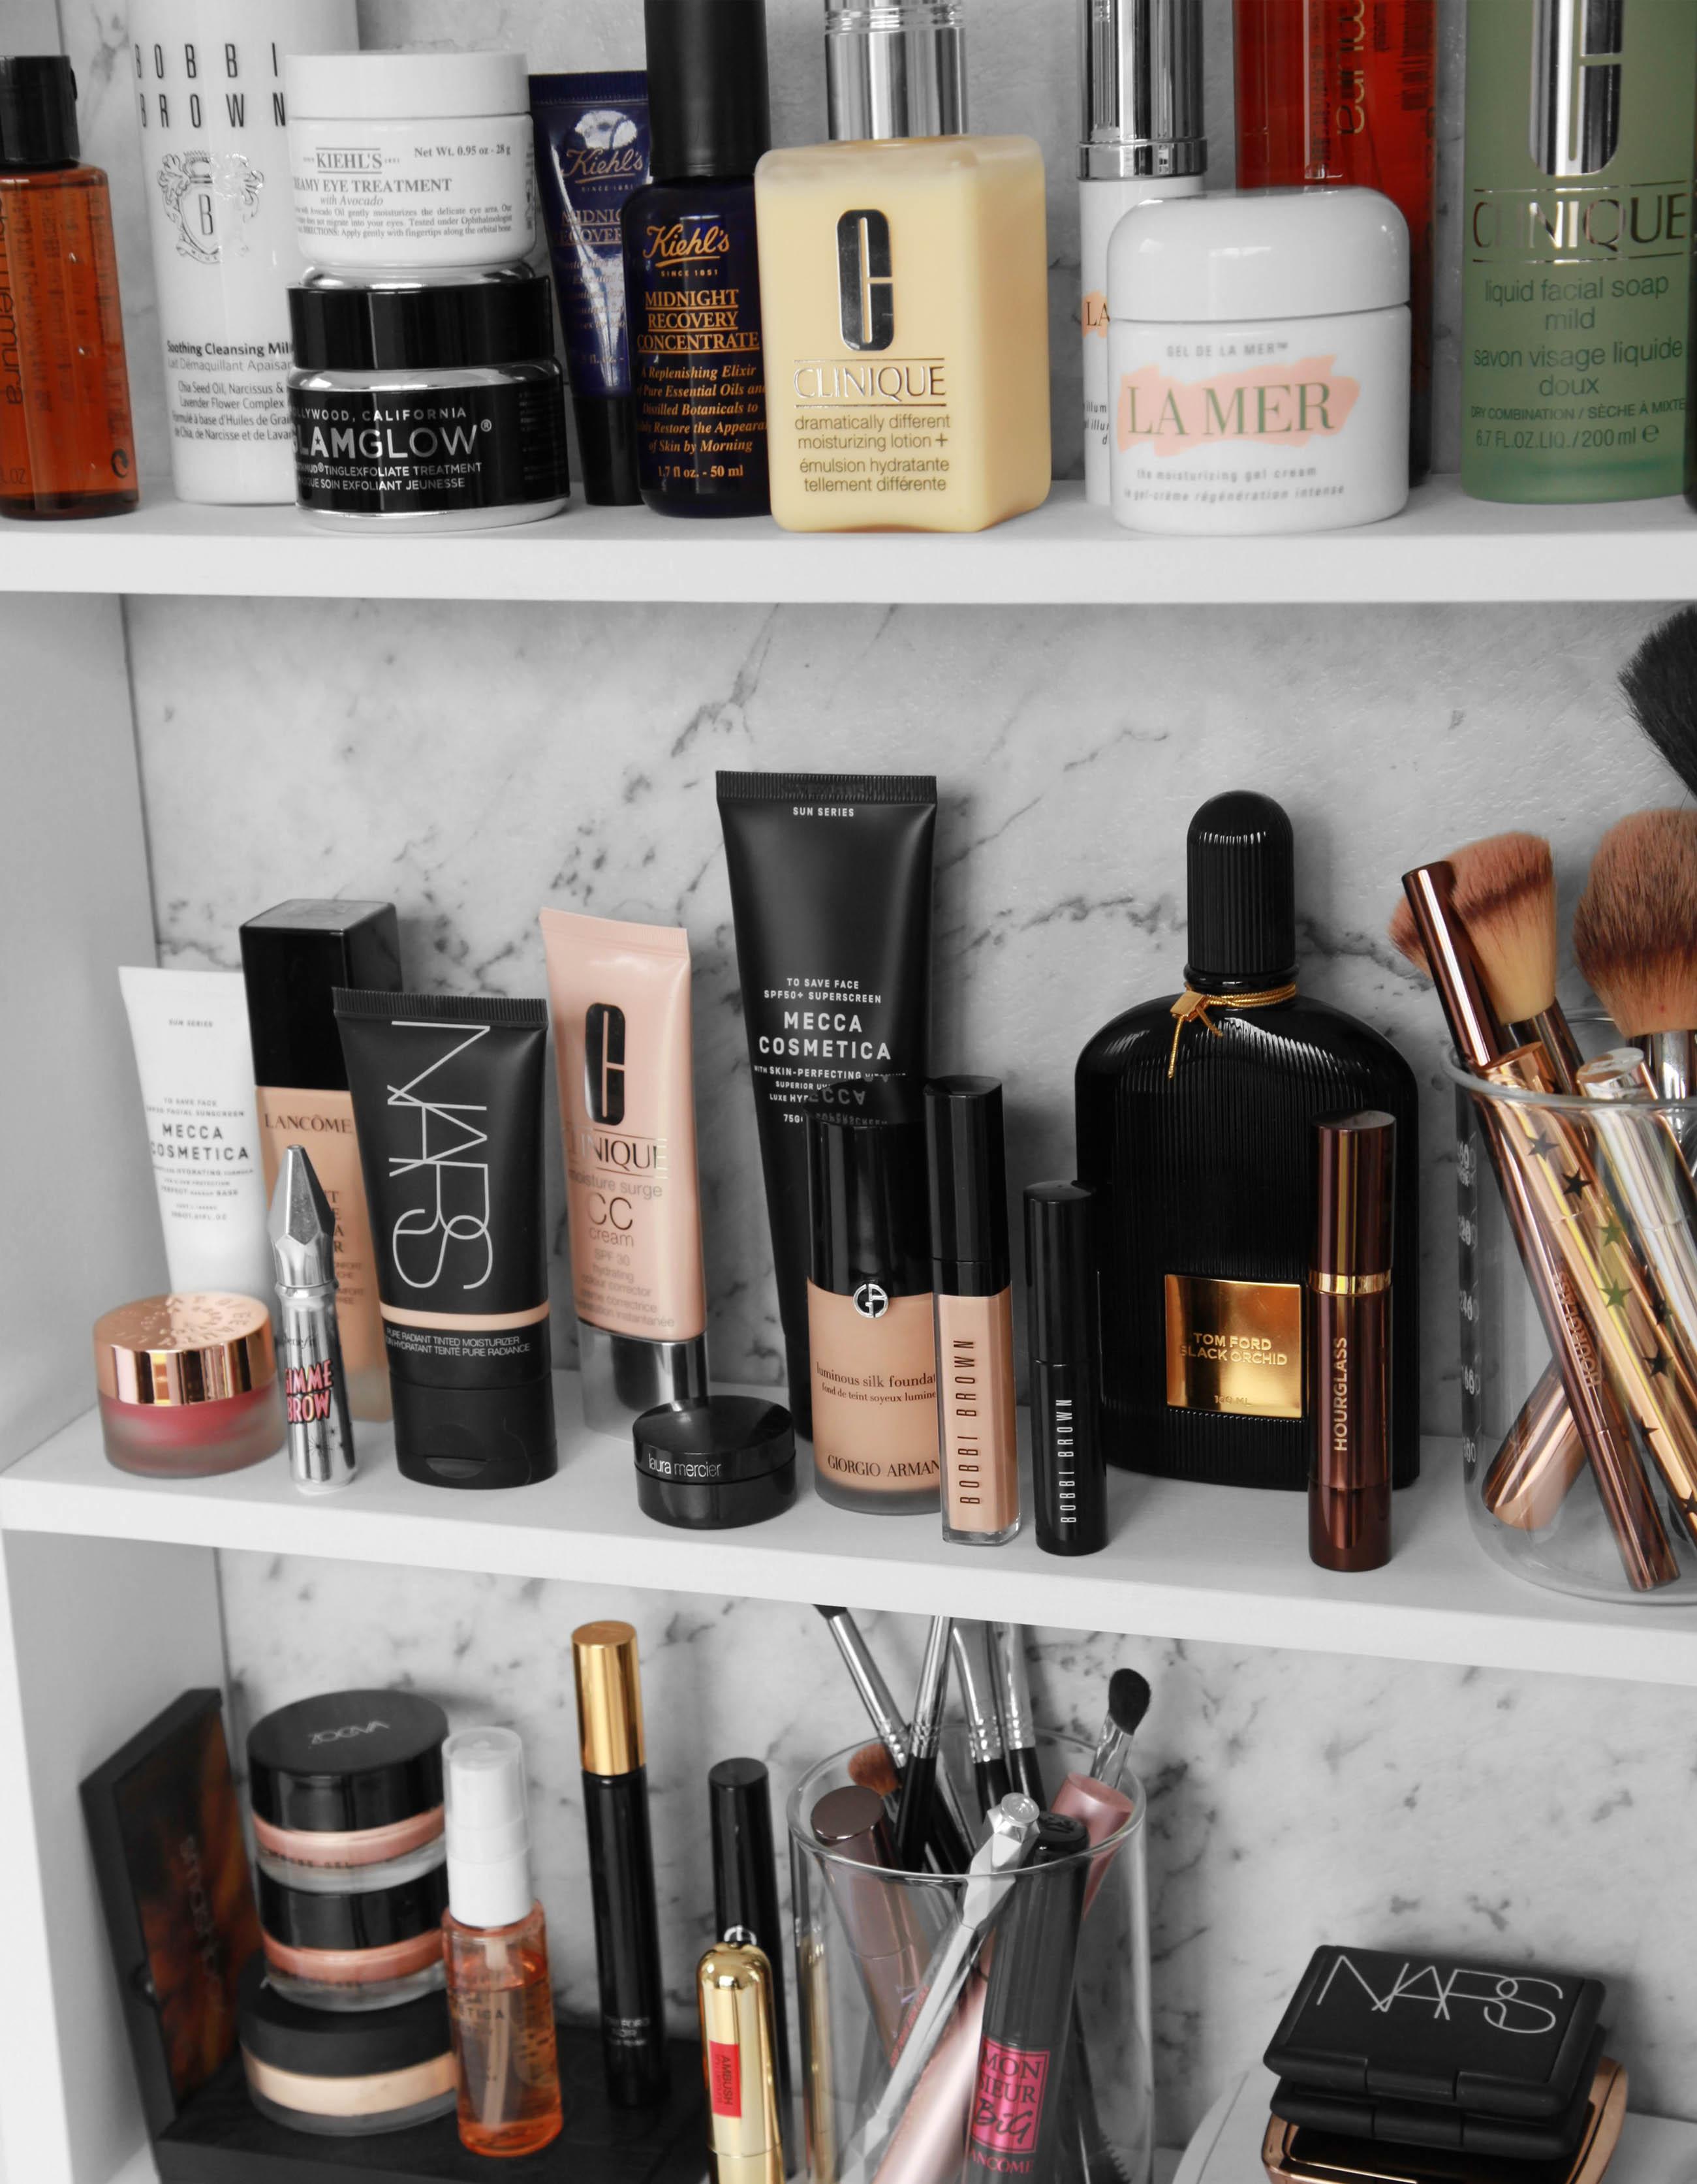 Makeup Shelfie Beauty Essentials - Design By Aikonik 2